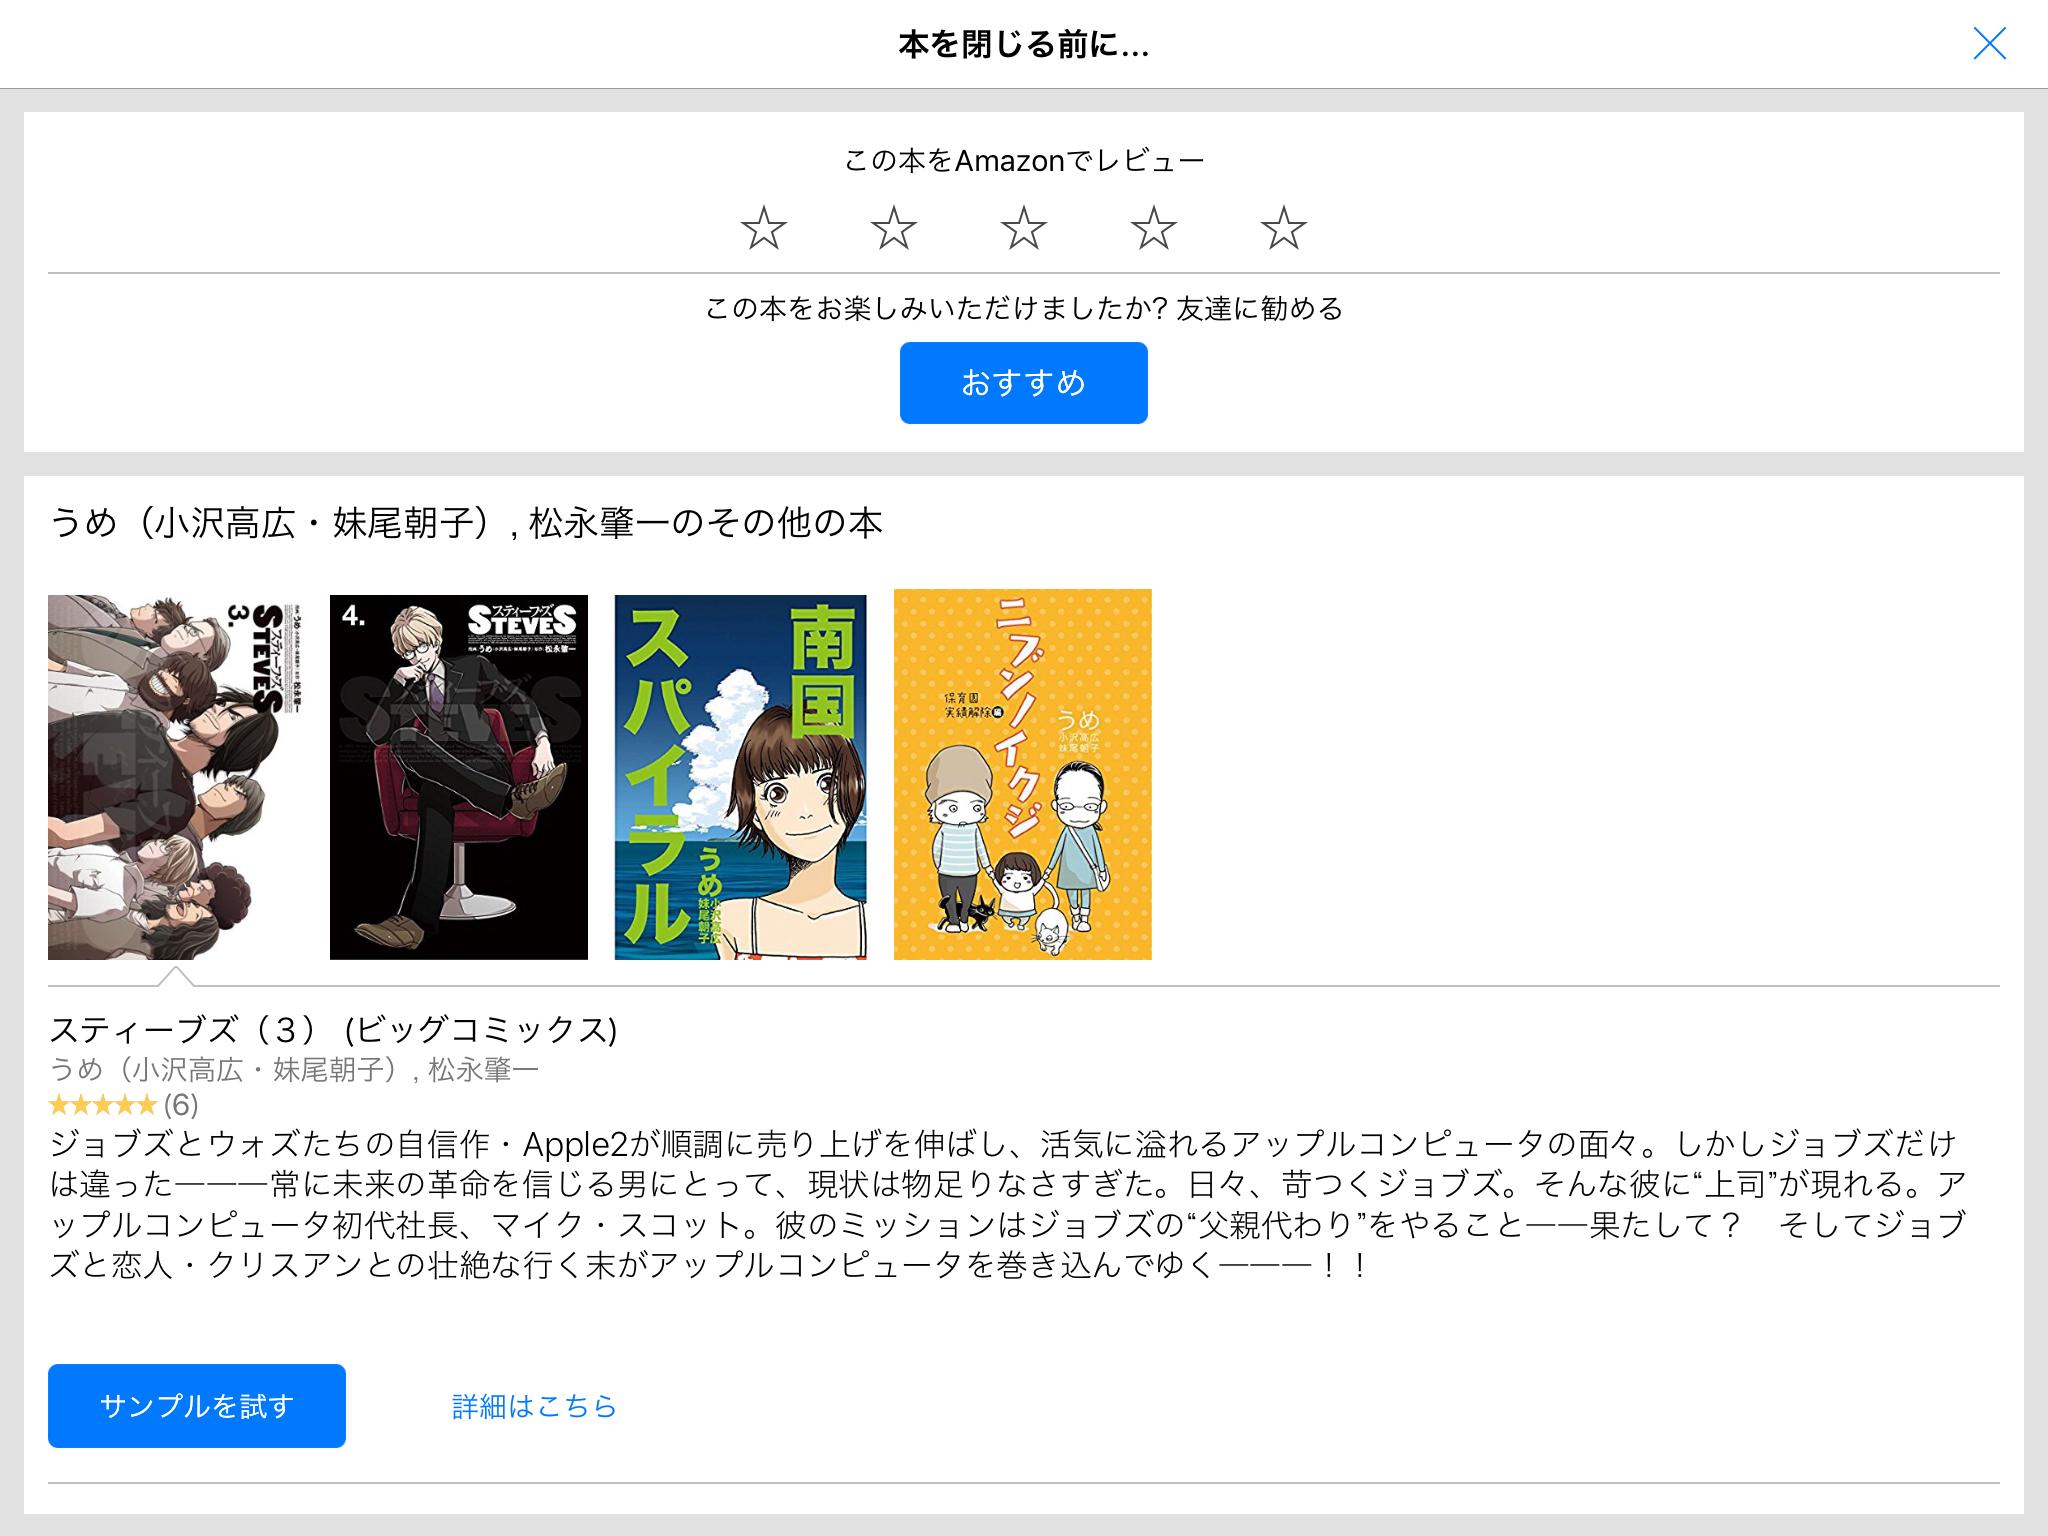 iOS版のKindleアプリで、コミックを読み終えたあとに表示される次の巻をタップすると、「サンプルを試す」「詳細はこちら」という2択が表示される。直接購入するボタンはない